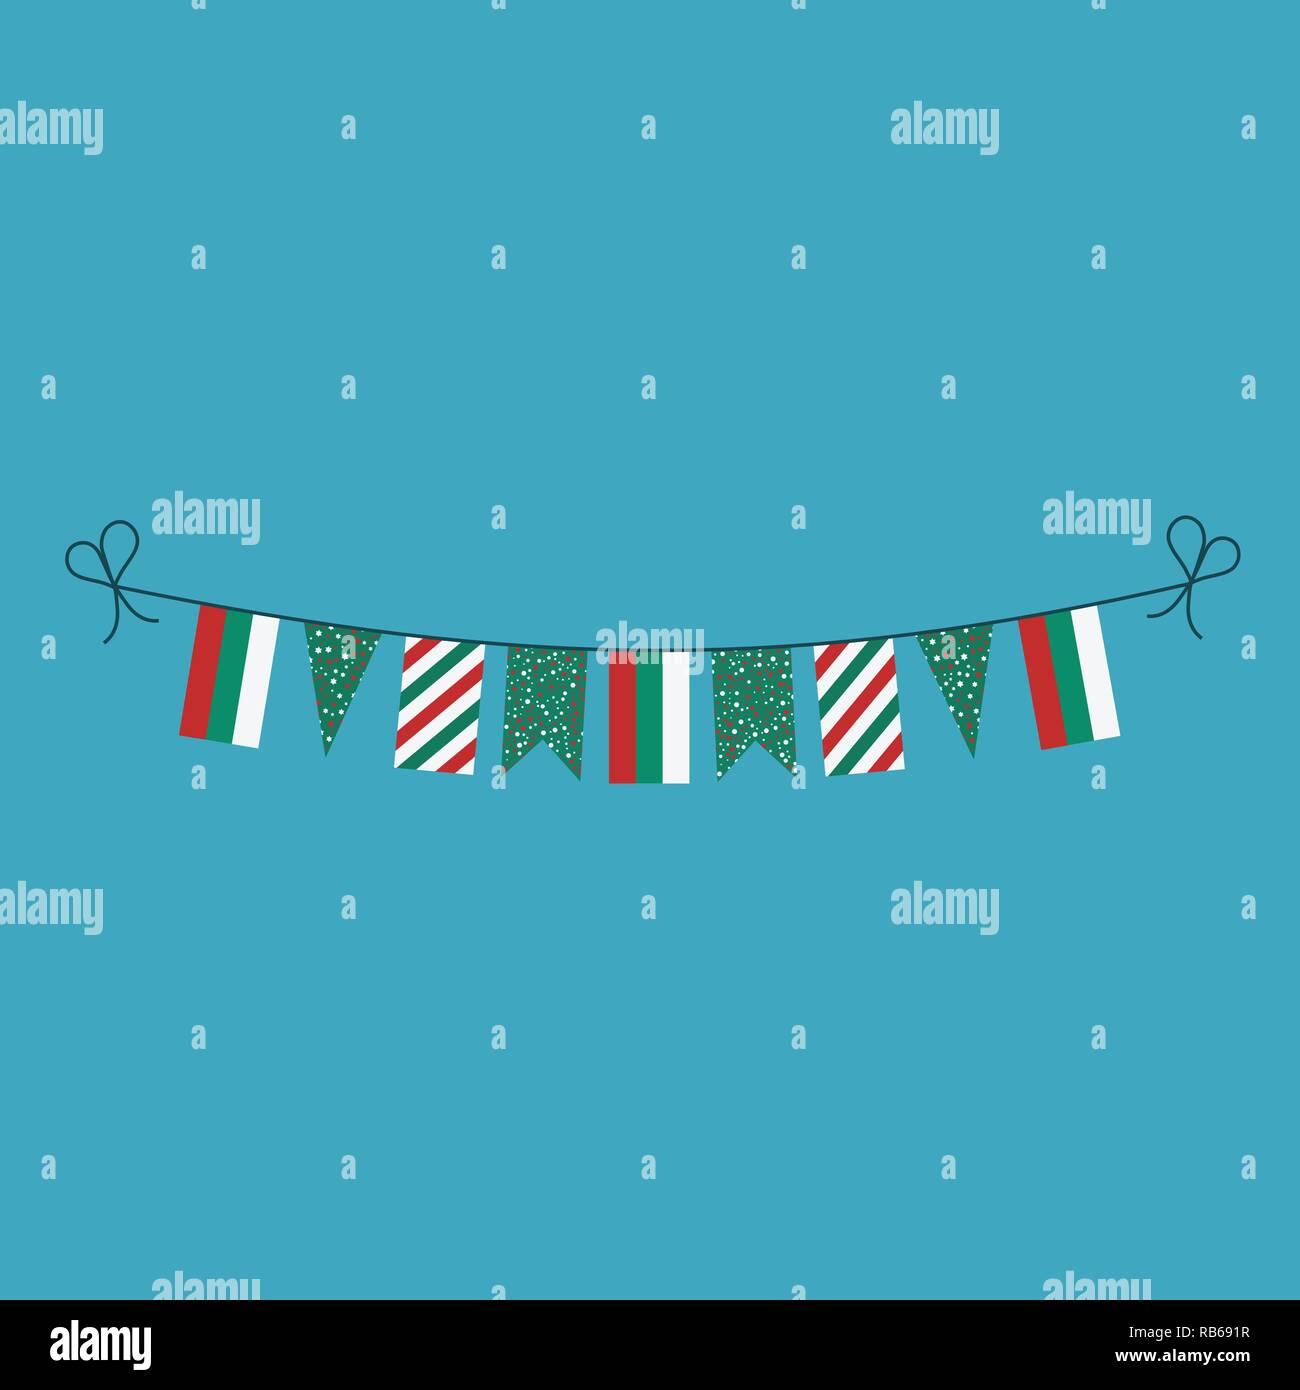 Decorazioni bunting flags per la Bulgaria il giorno nazionale vacanze in appartamento di design. Giorno di indipendenza o giornata nazionale il concetto di vacanza. Immagini Stock